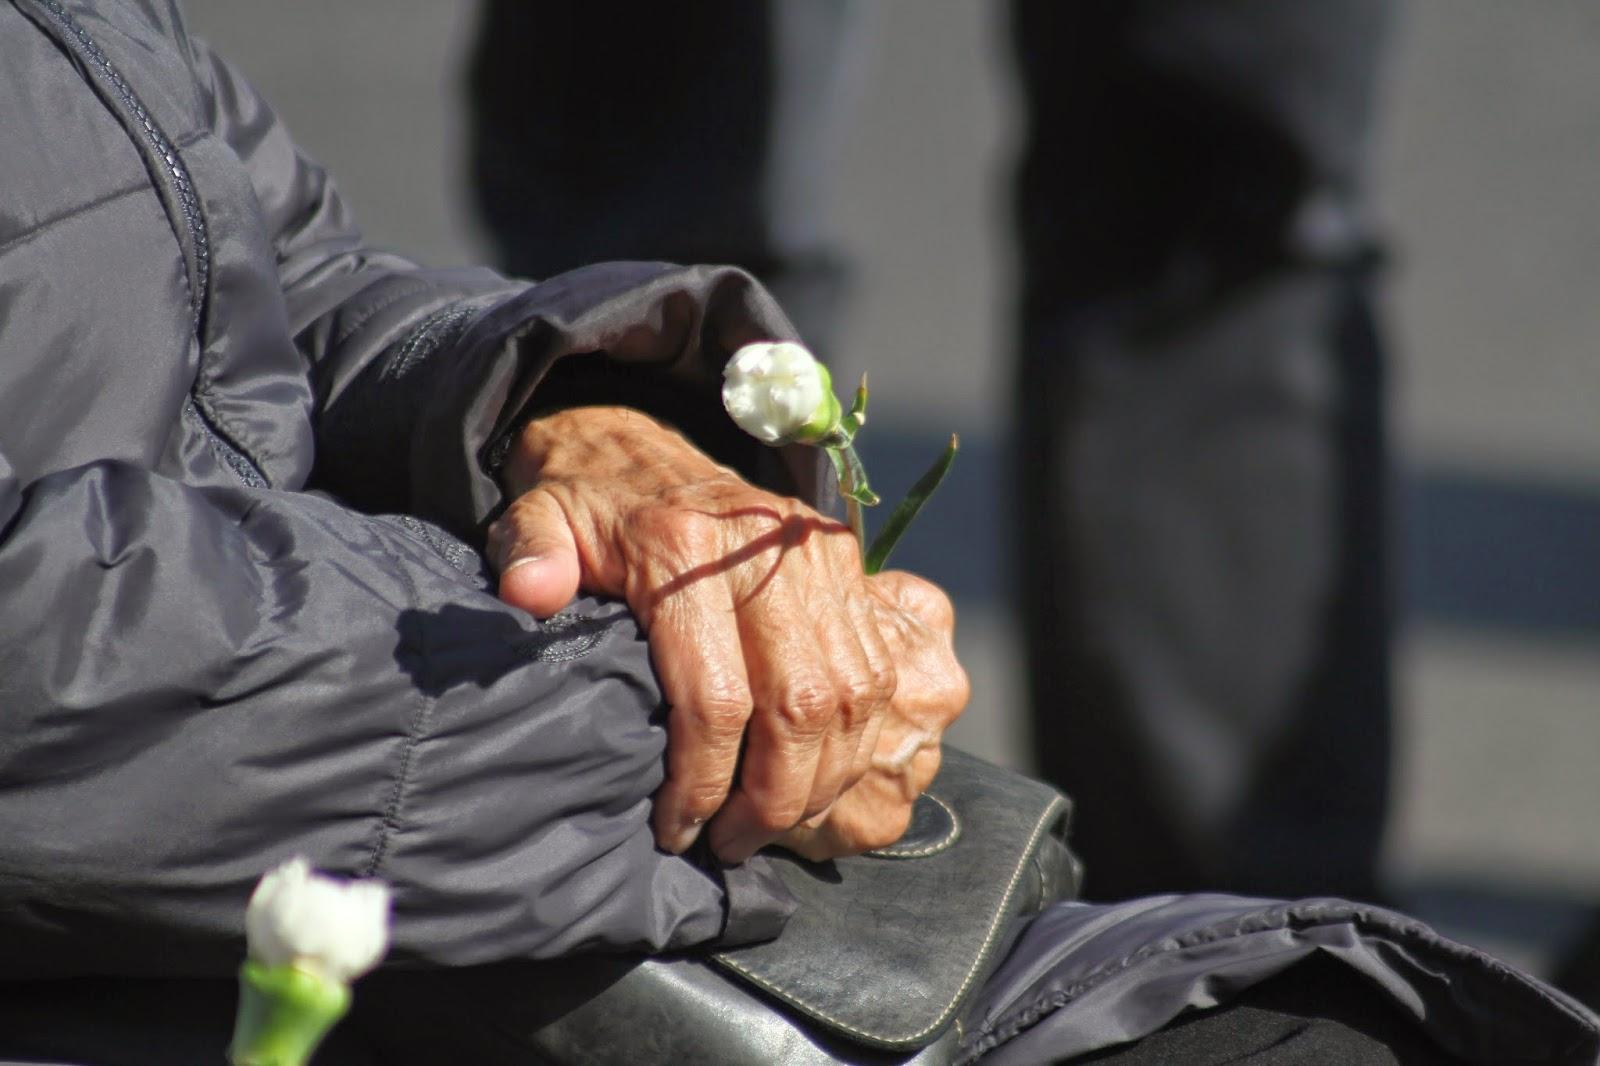 Galería de fotos | Ceremonia de Conmemoración de la muerte de Periodista José Carrasco Tapia